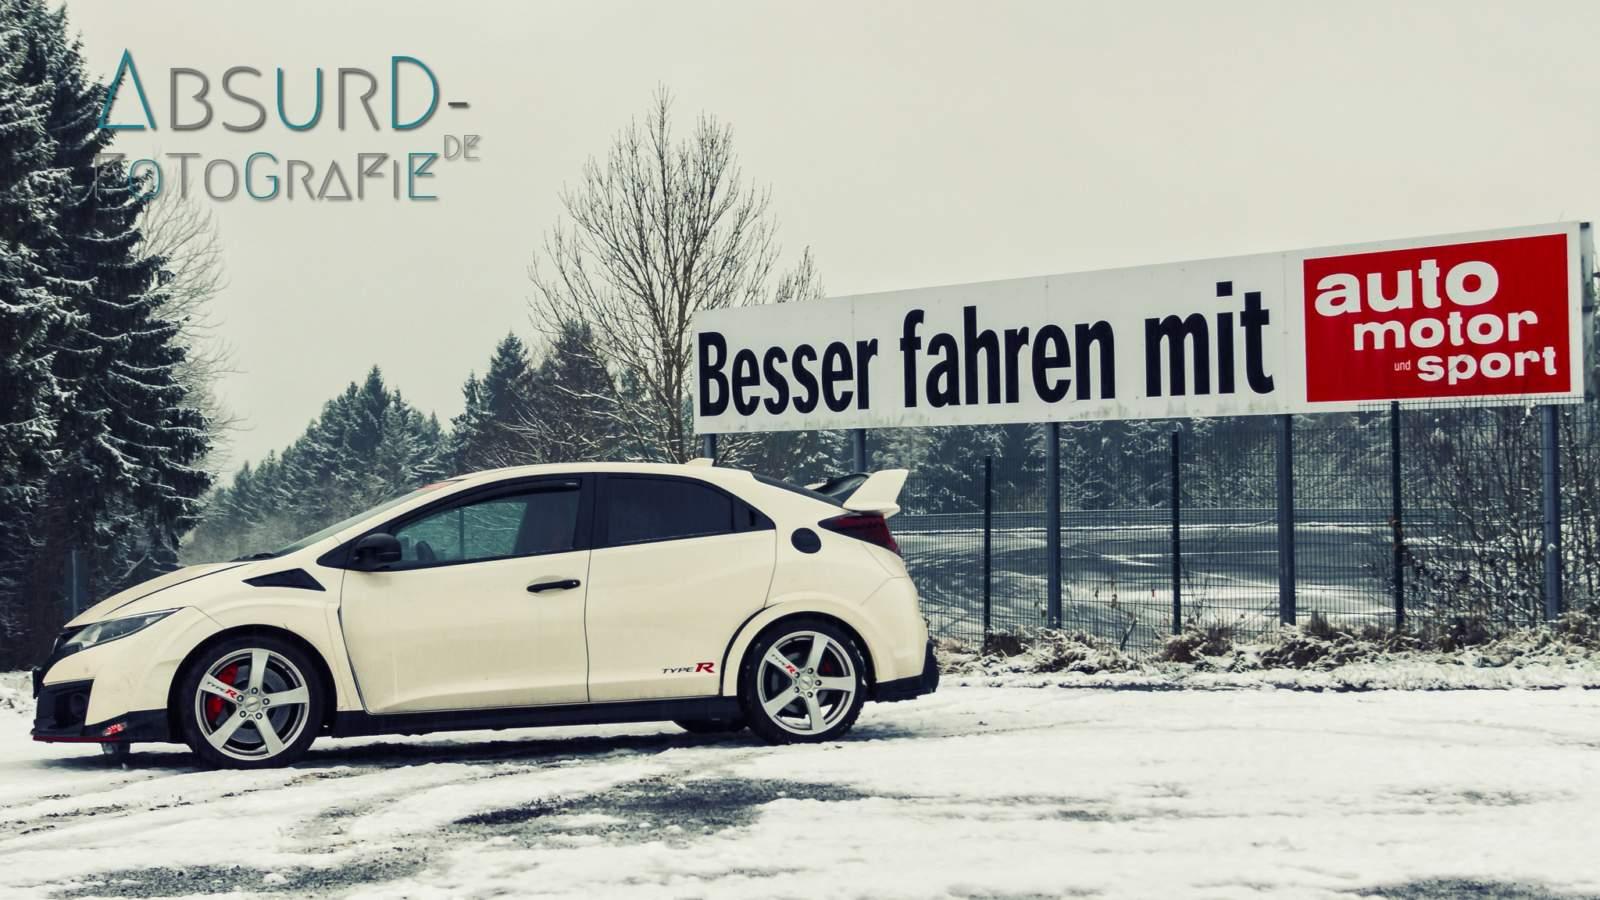 honda-civic-typer-fkr-nuerburgring-schnee - DSC09052uraw_tn.jpg